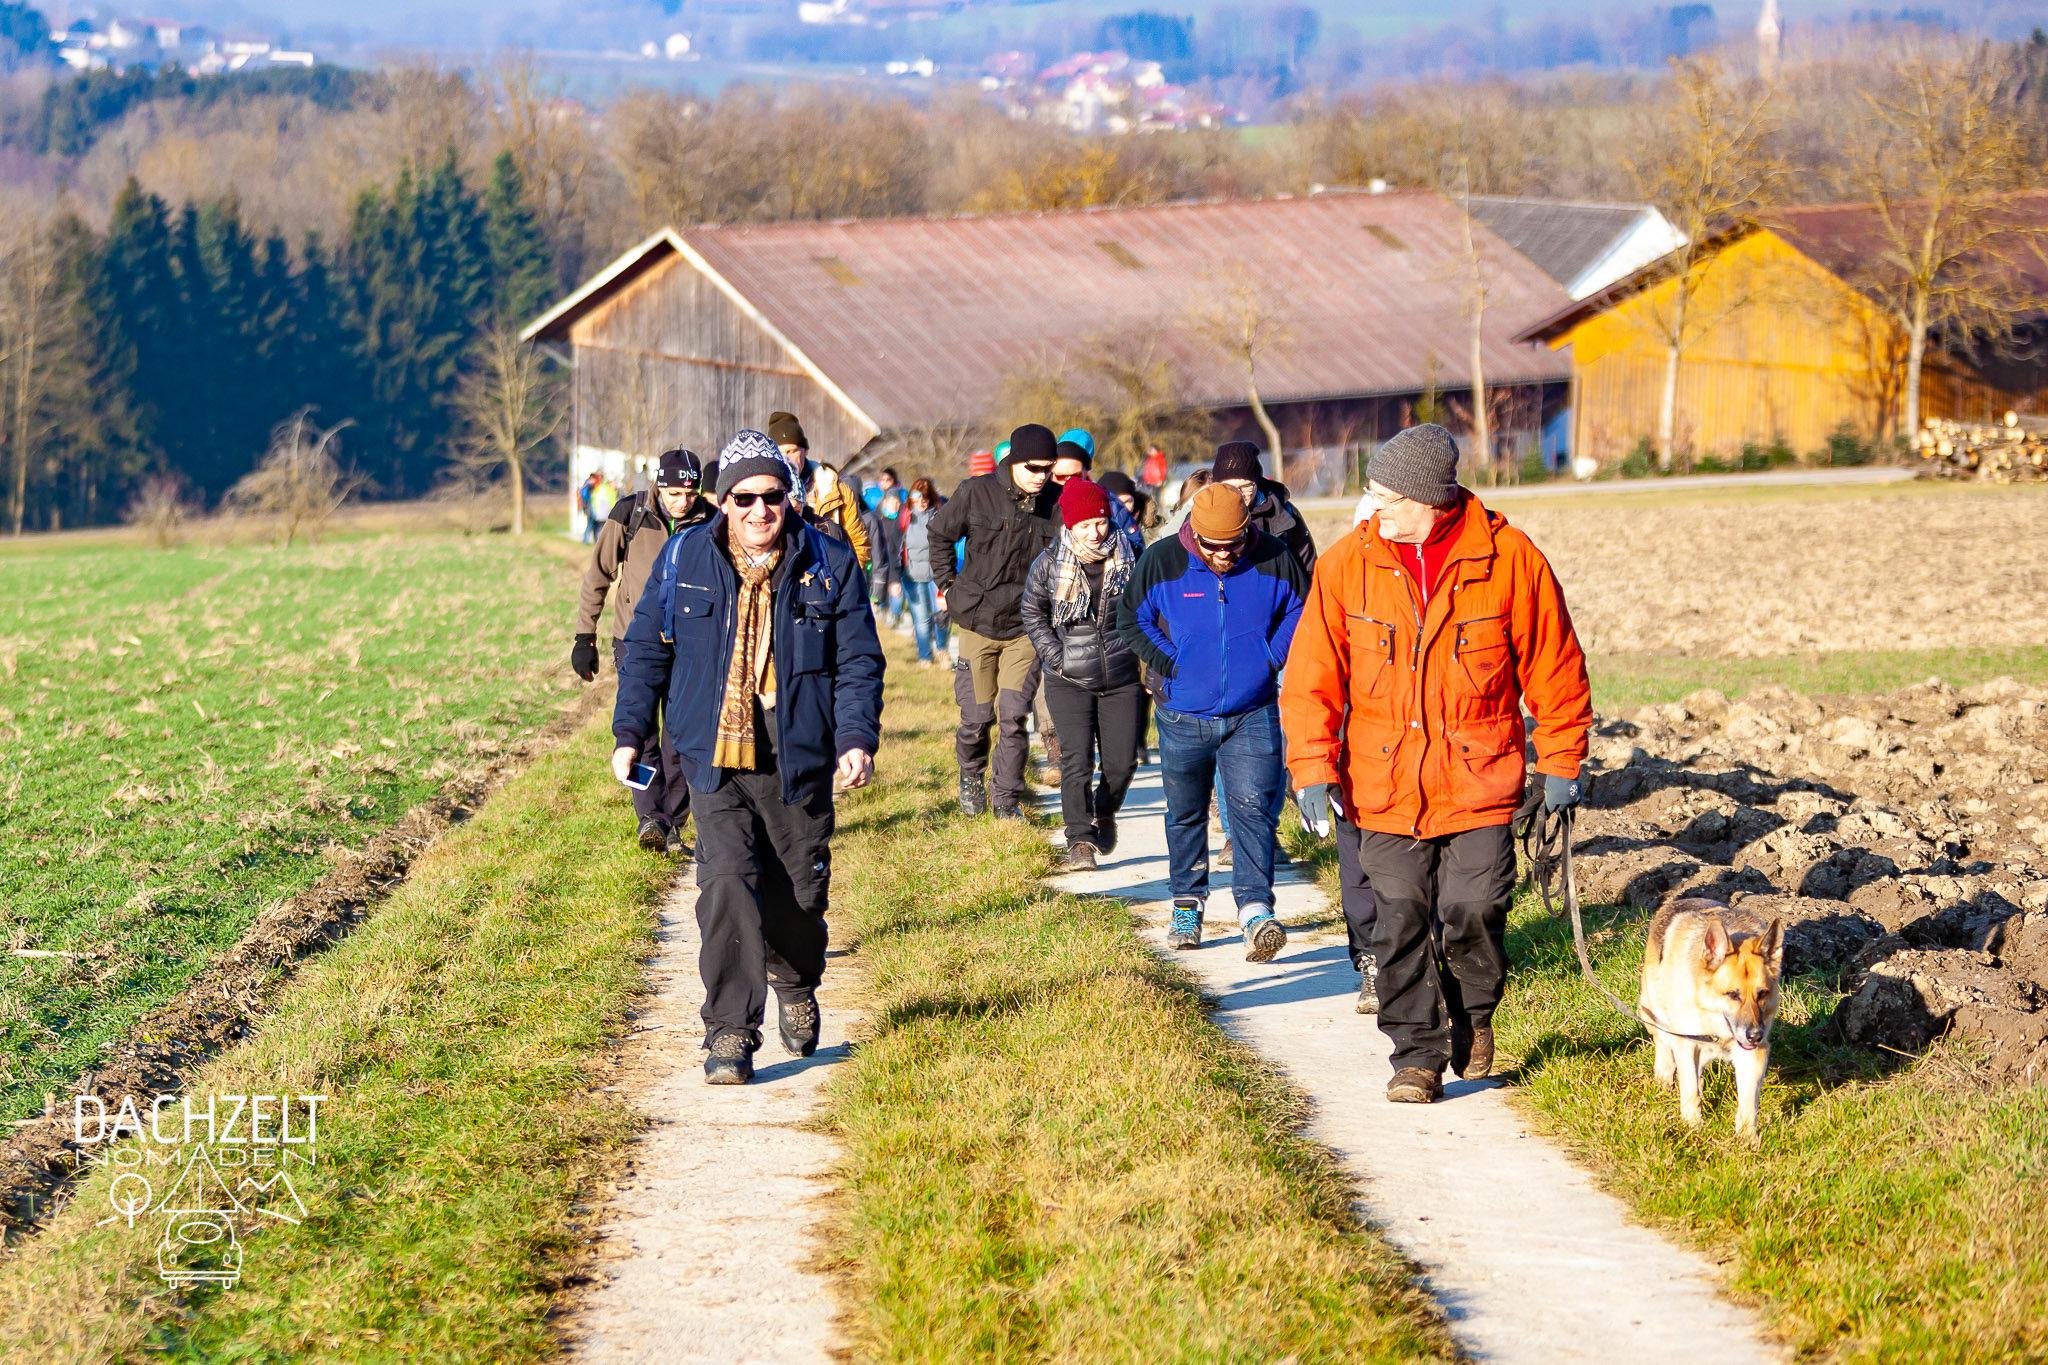 20190101-DACHZELT-SILVESTER-CAMP-Michael-Heinrich-57-Neujahrswanderung